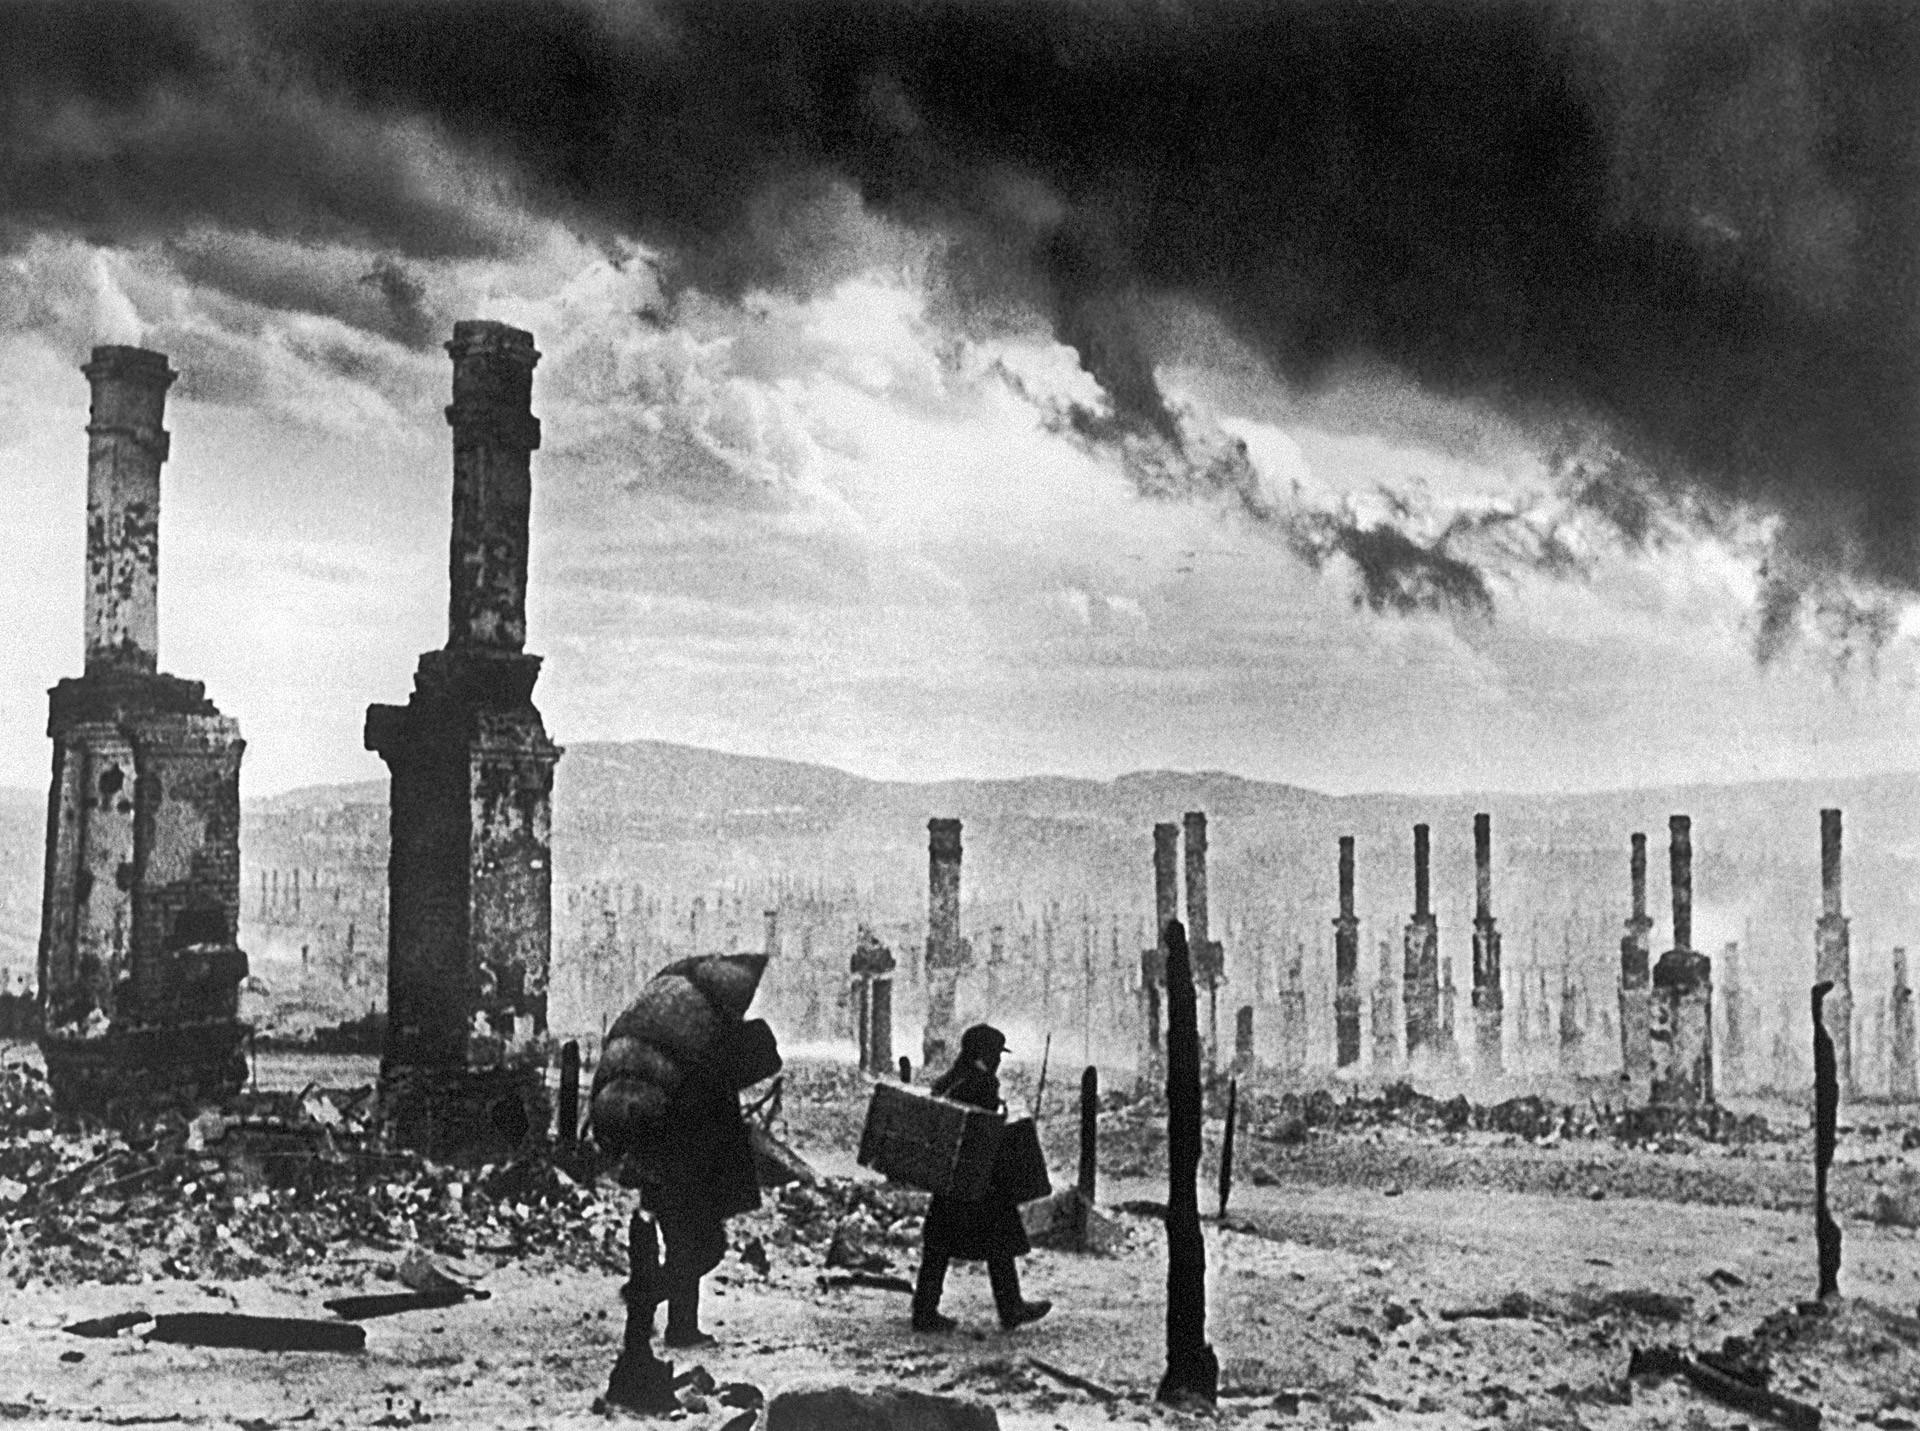 Рушевине Мурманска после Другог светског рата.